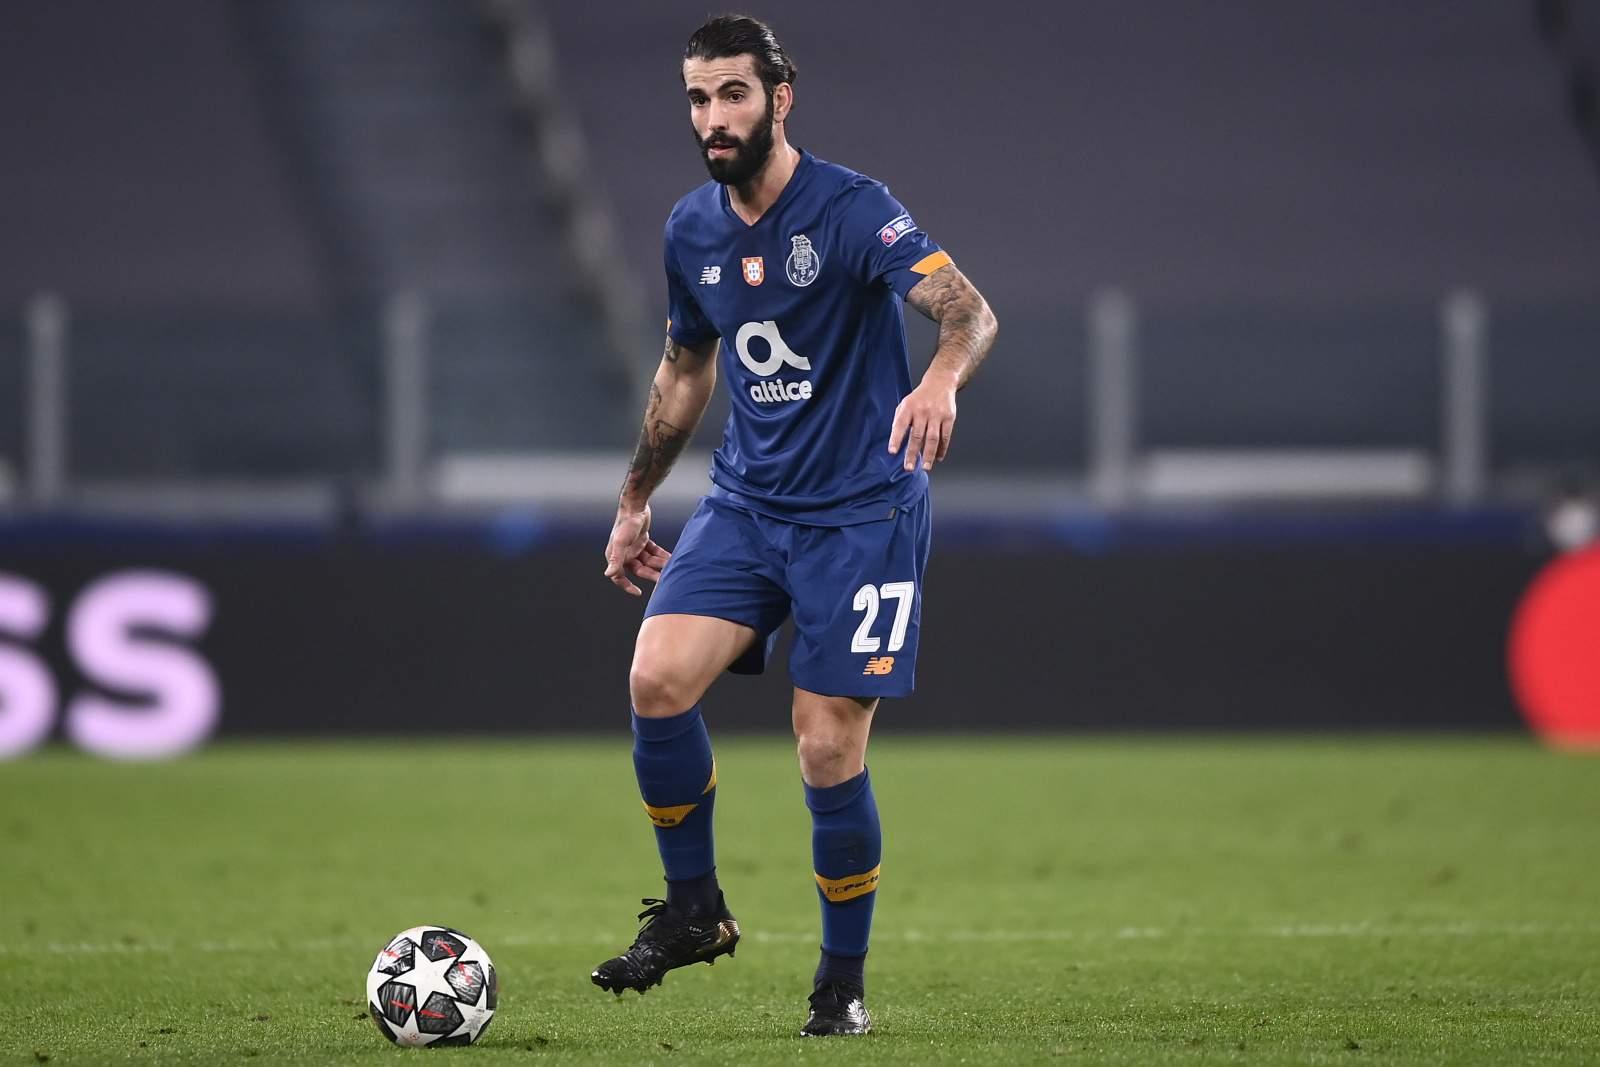 Оливейра: «Вылет из Лиги чемпионов расстраивает, но это футбол»